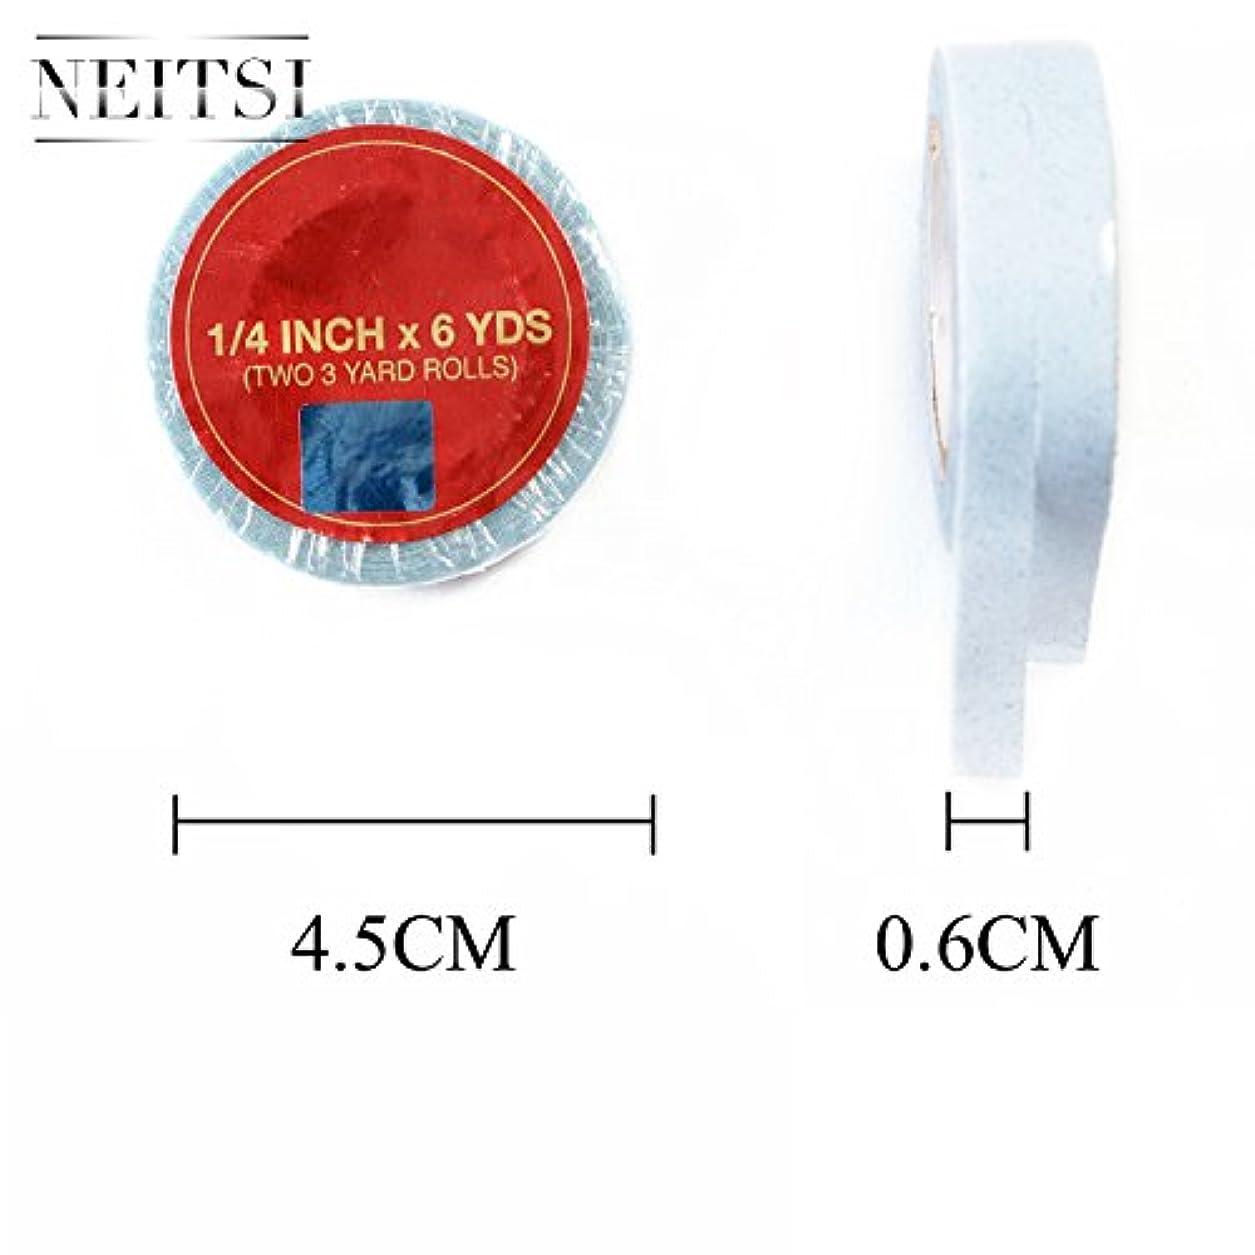 協会派生する試してみるNeitsi(ネイティス)1個 0.6cm青 かつら用両面テープ 超強力両面テープ ウィッグ用両面テープ